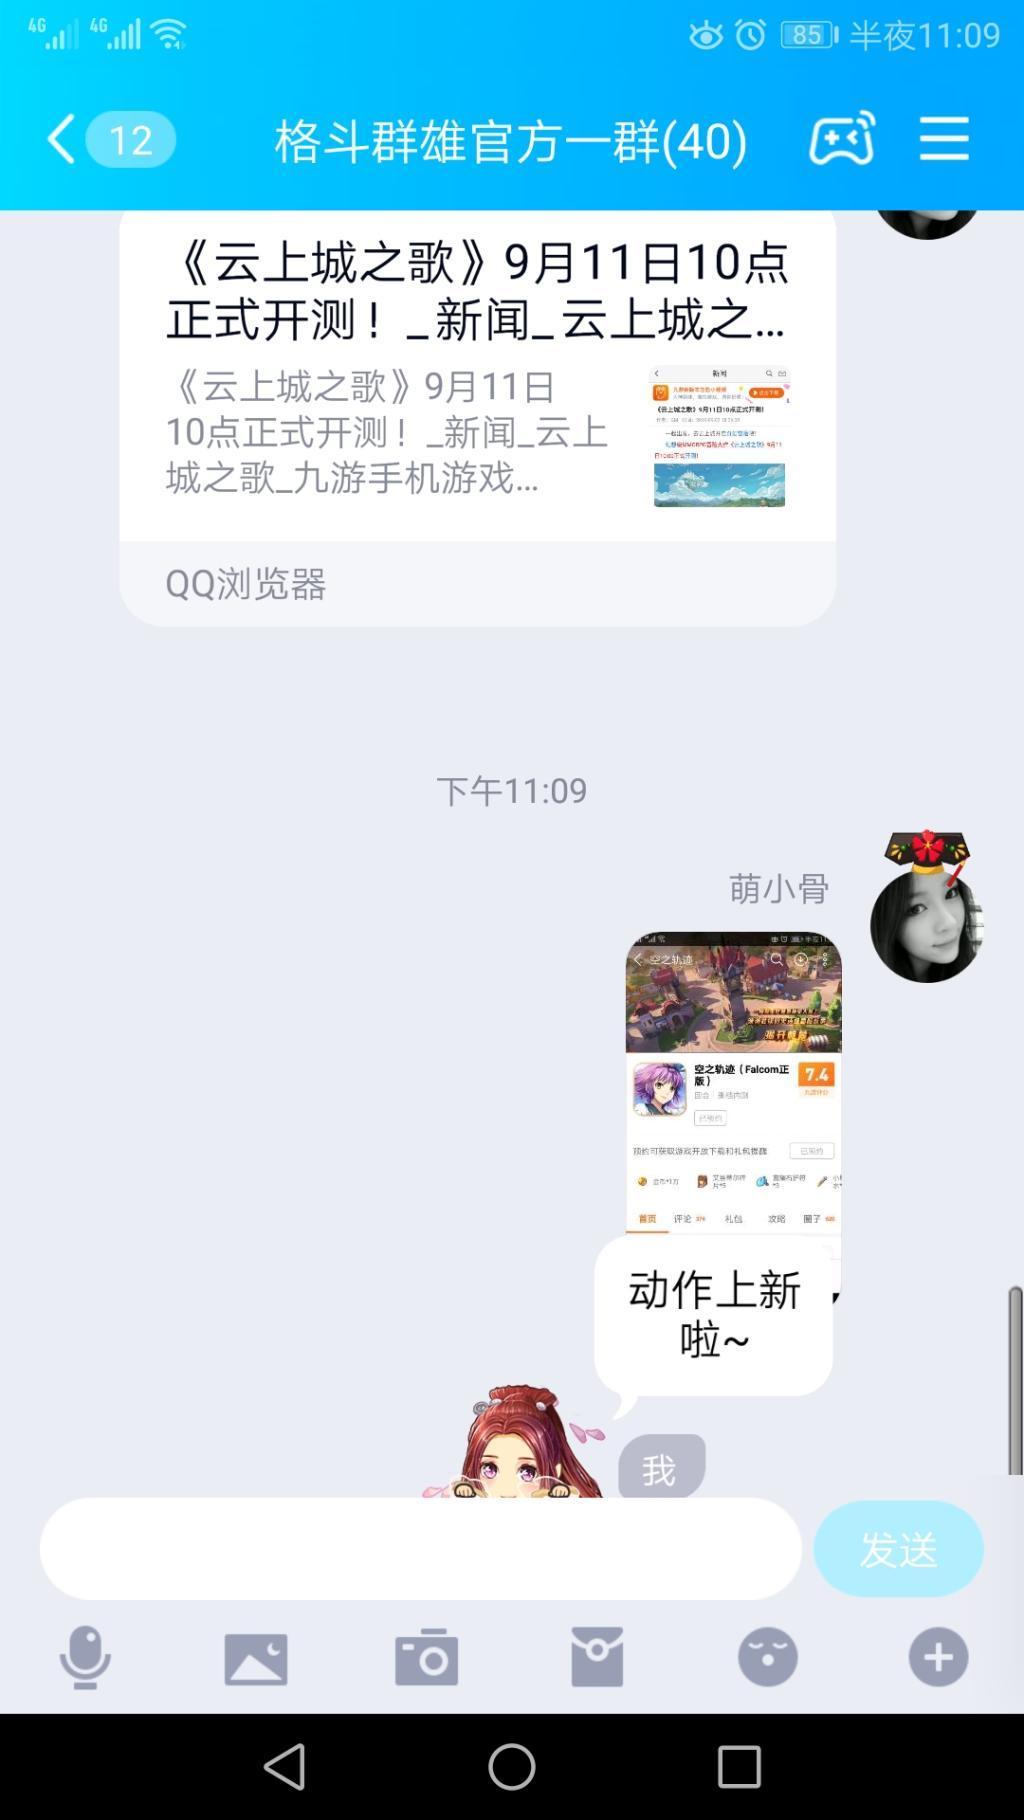 Screenshot_20190906s230937.jpg